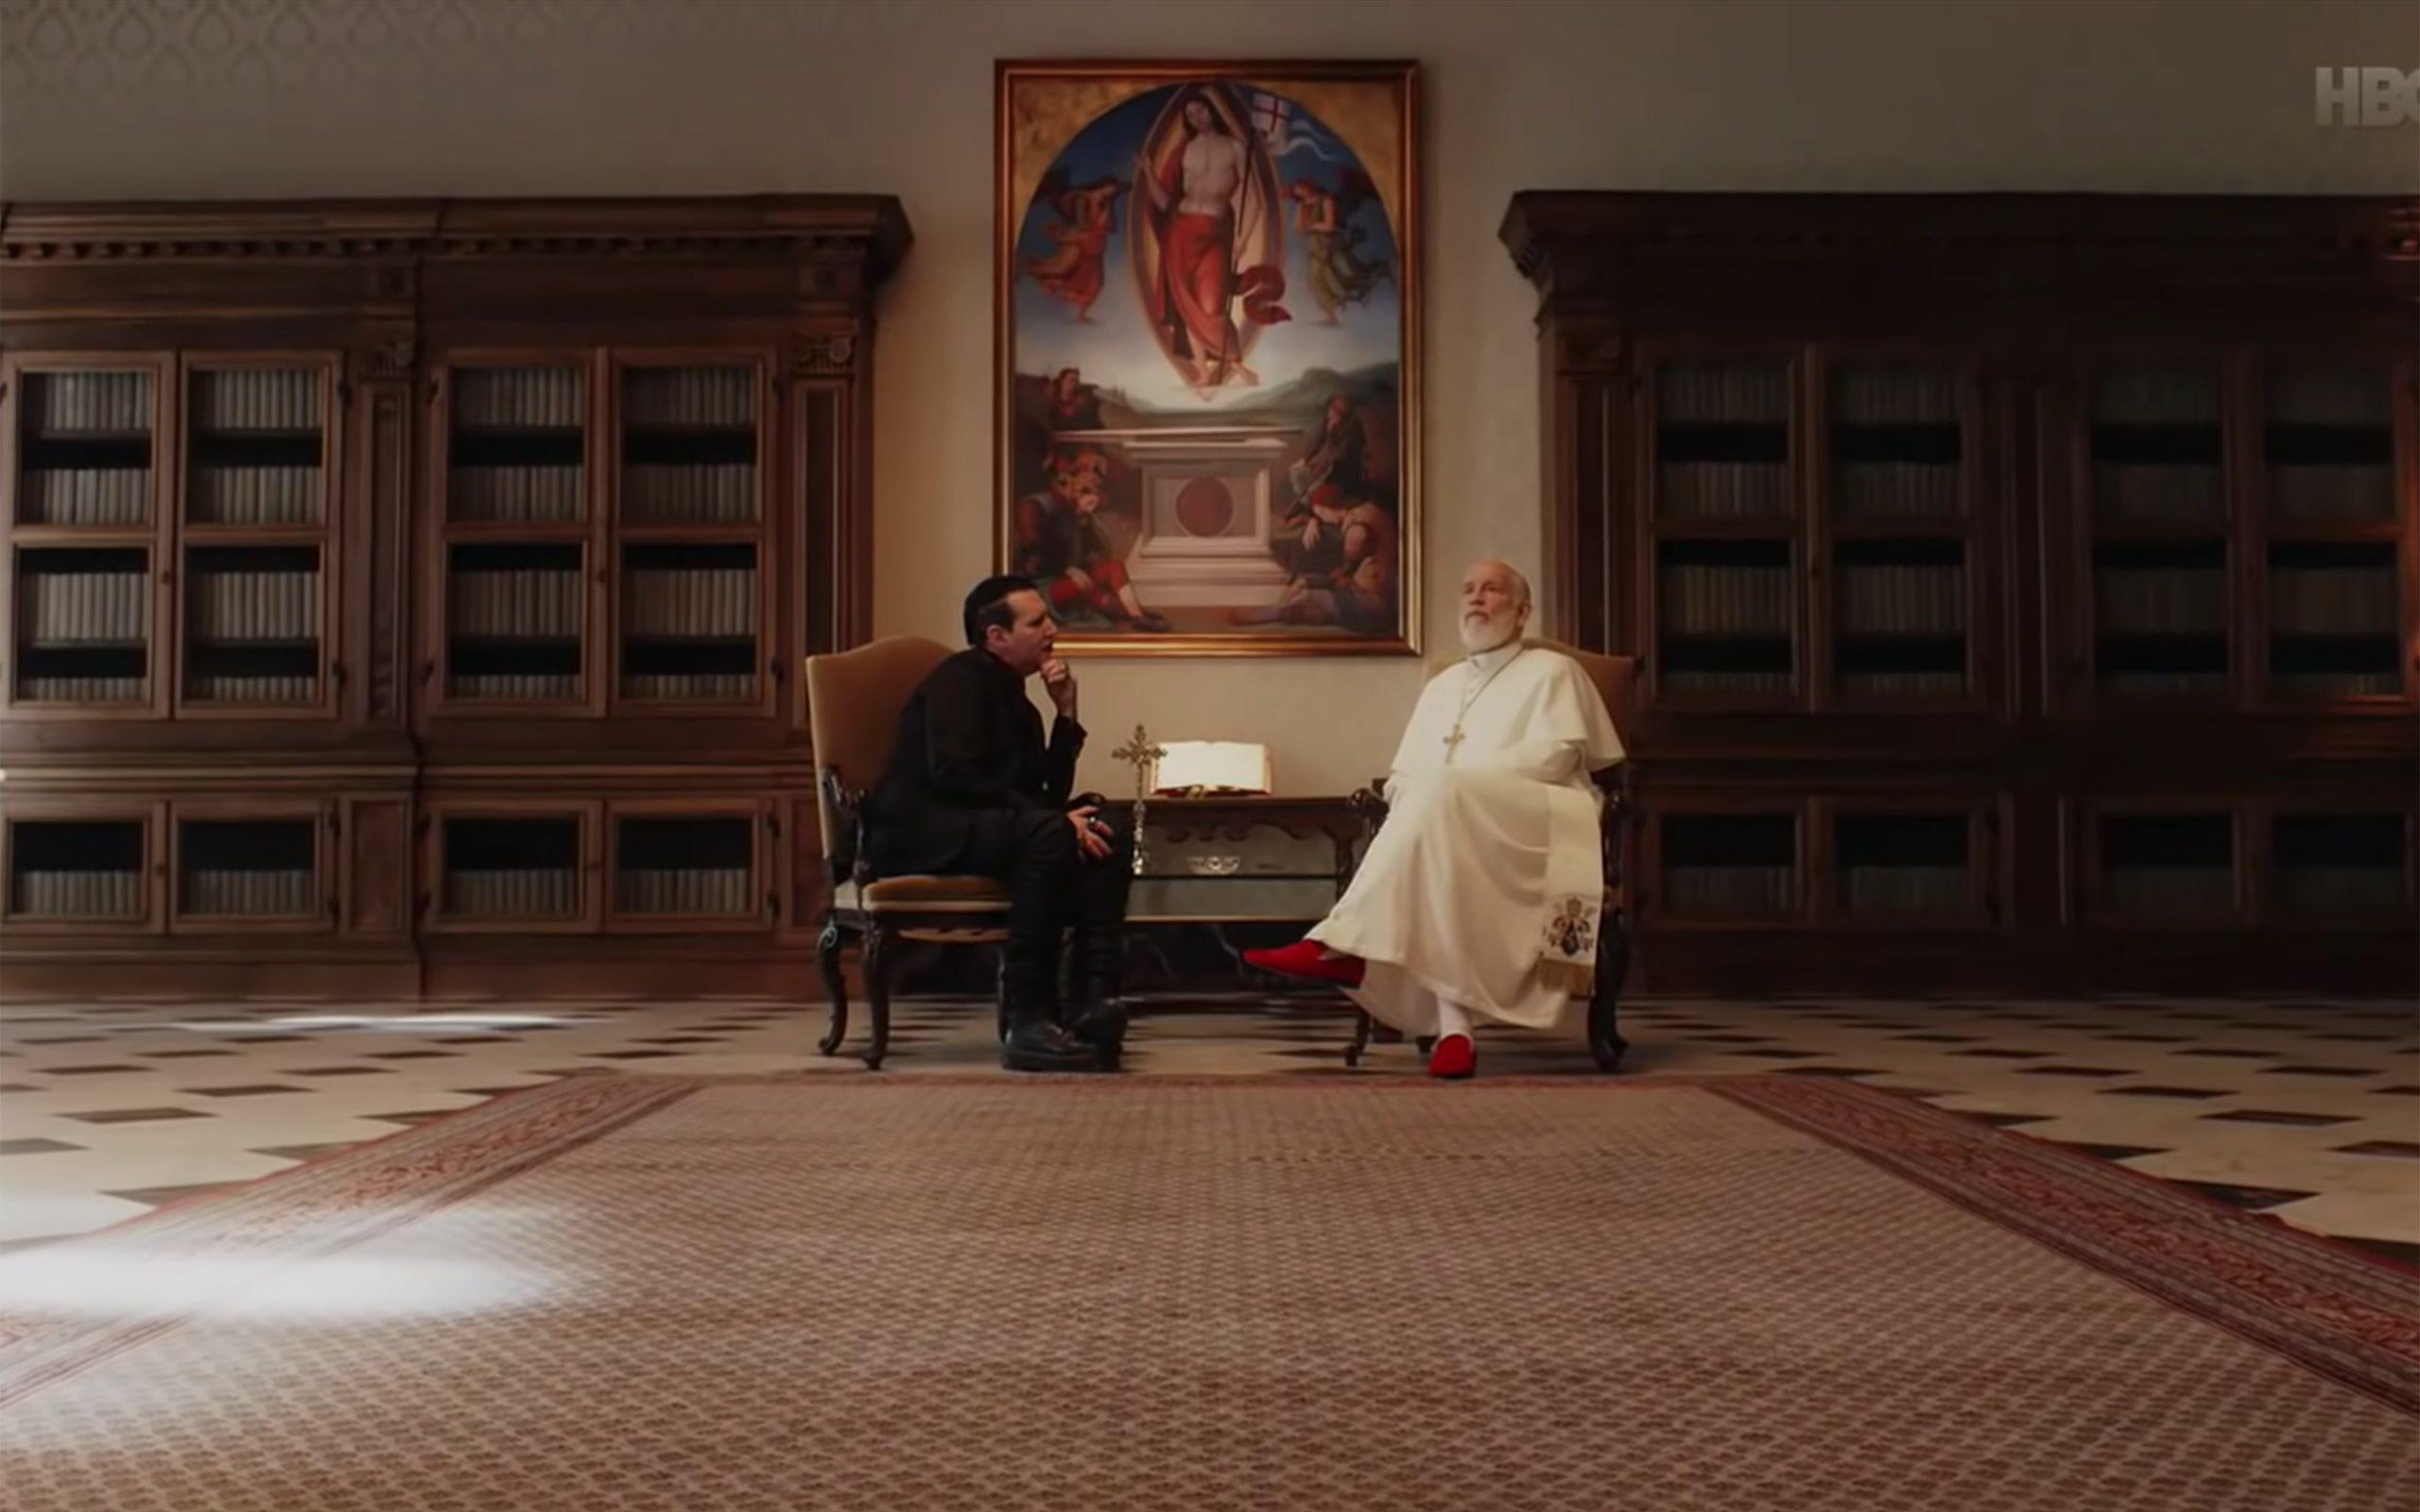 Quand Marilyn Manson rencontre le pape